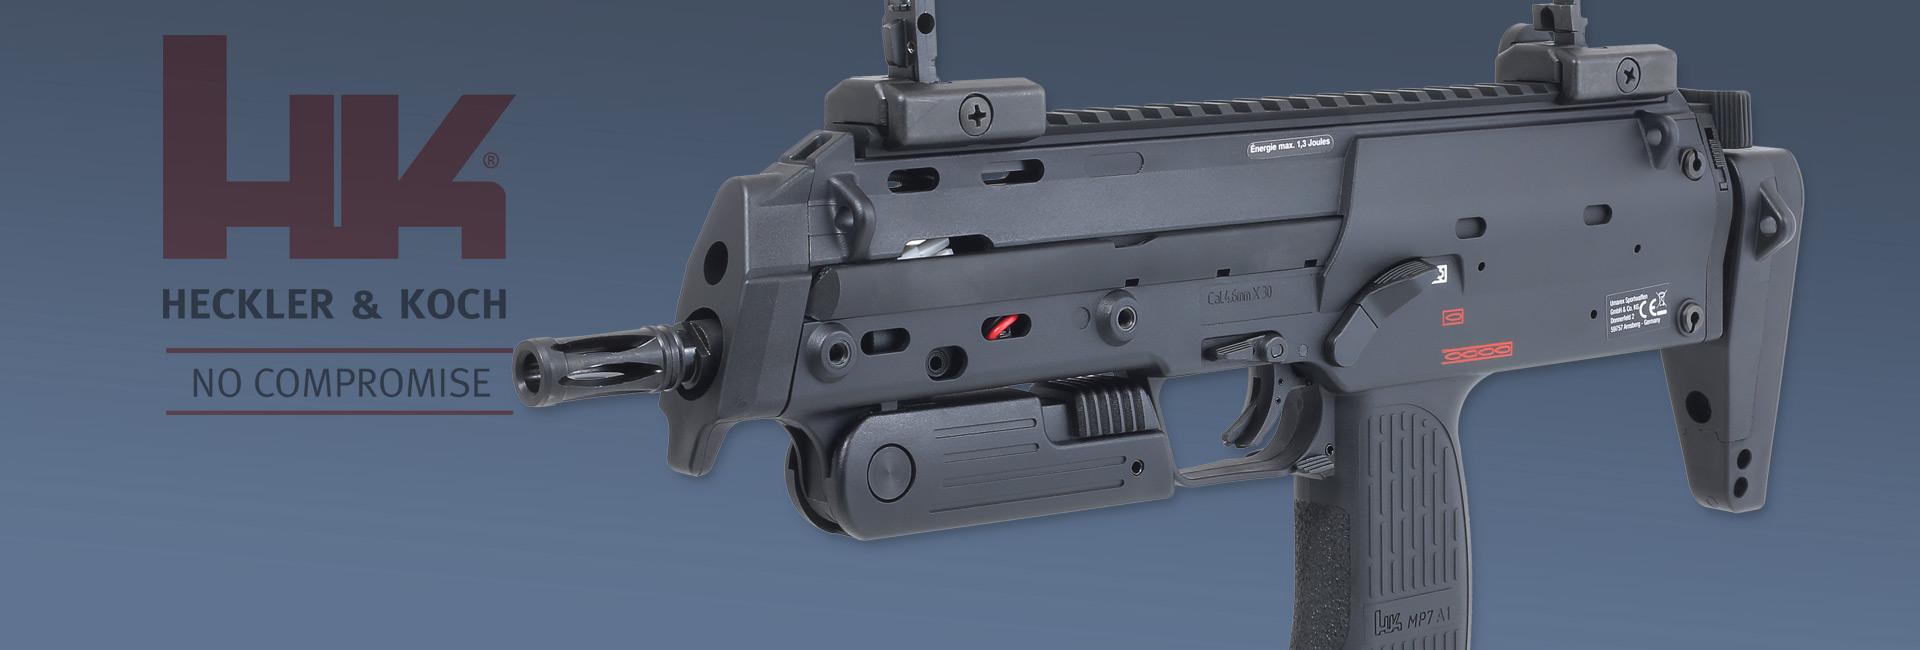 HK MP7 A1 S-AEG